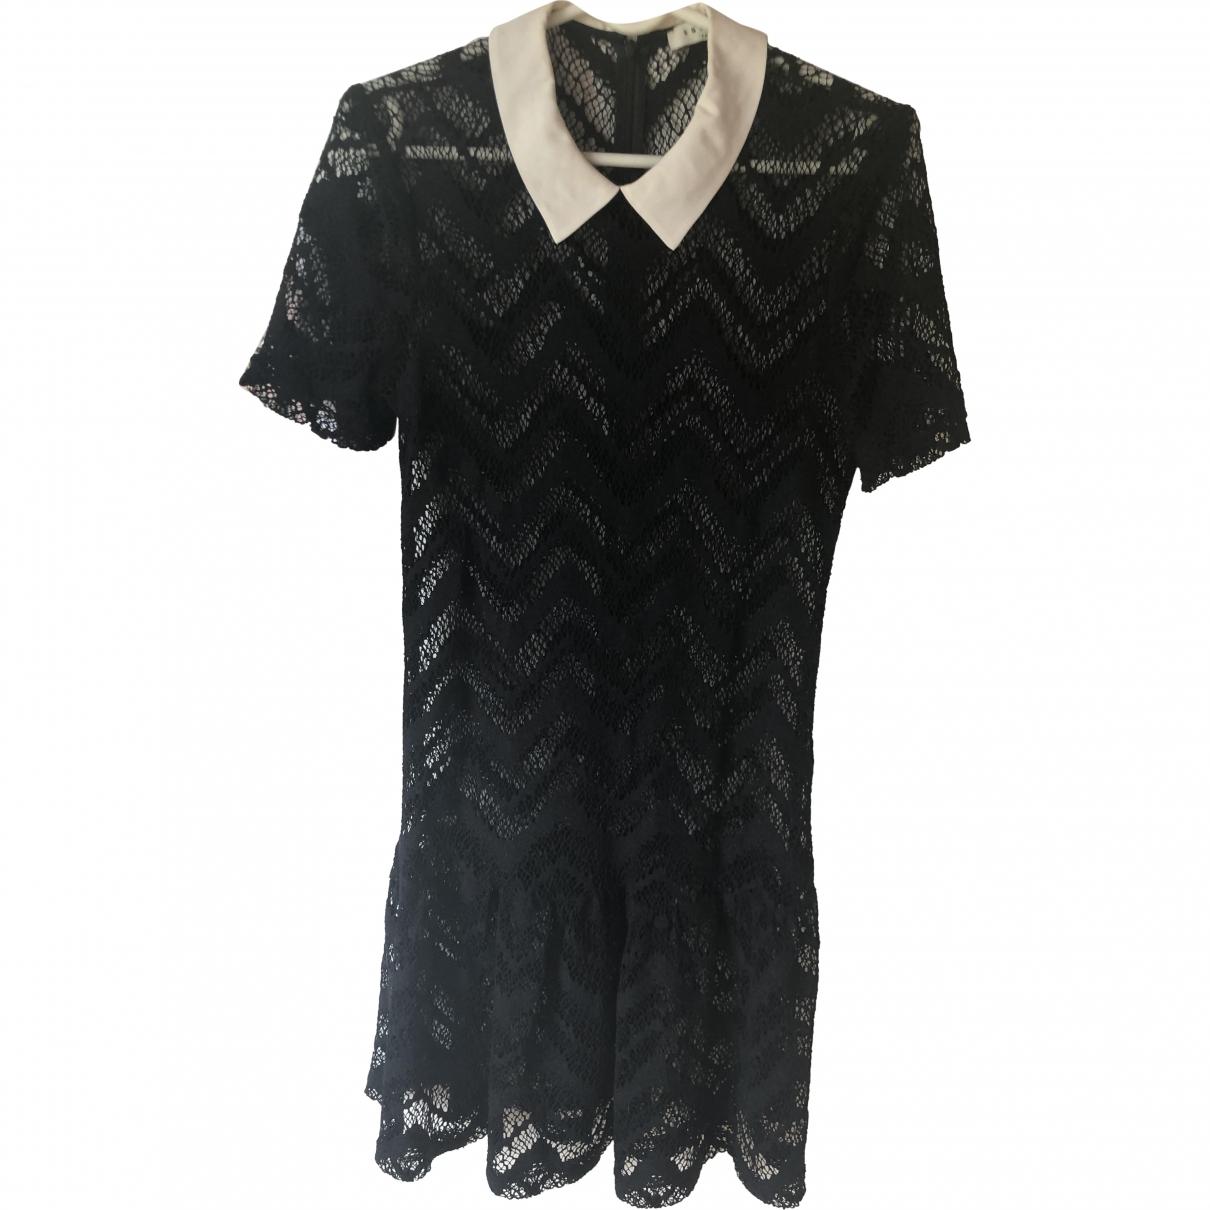 Sandro \N Black dress for Women M International